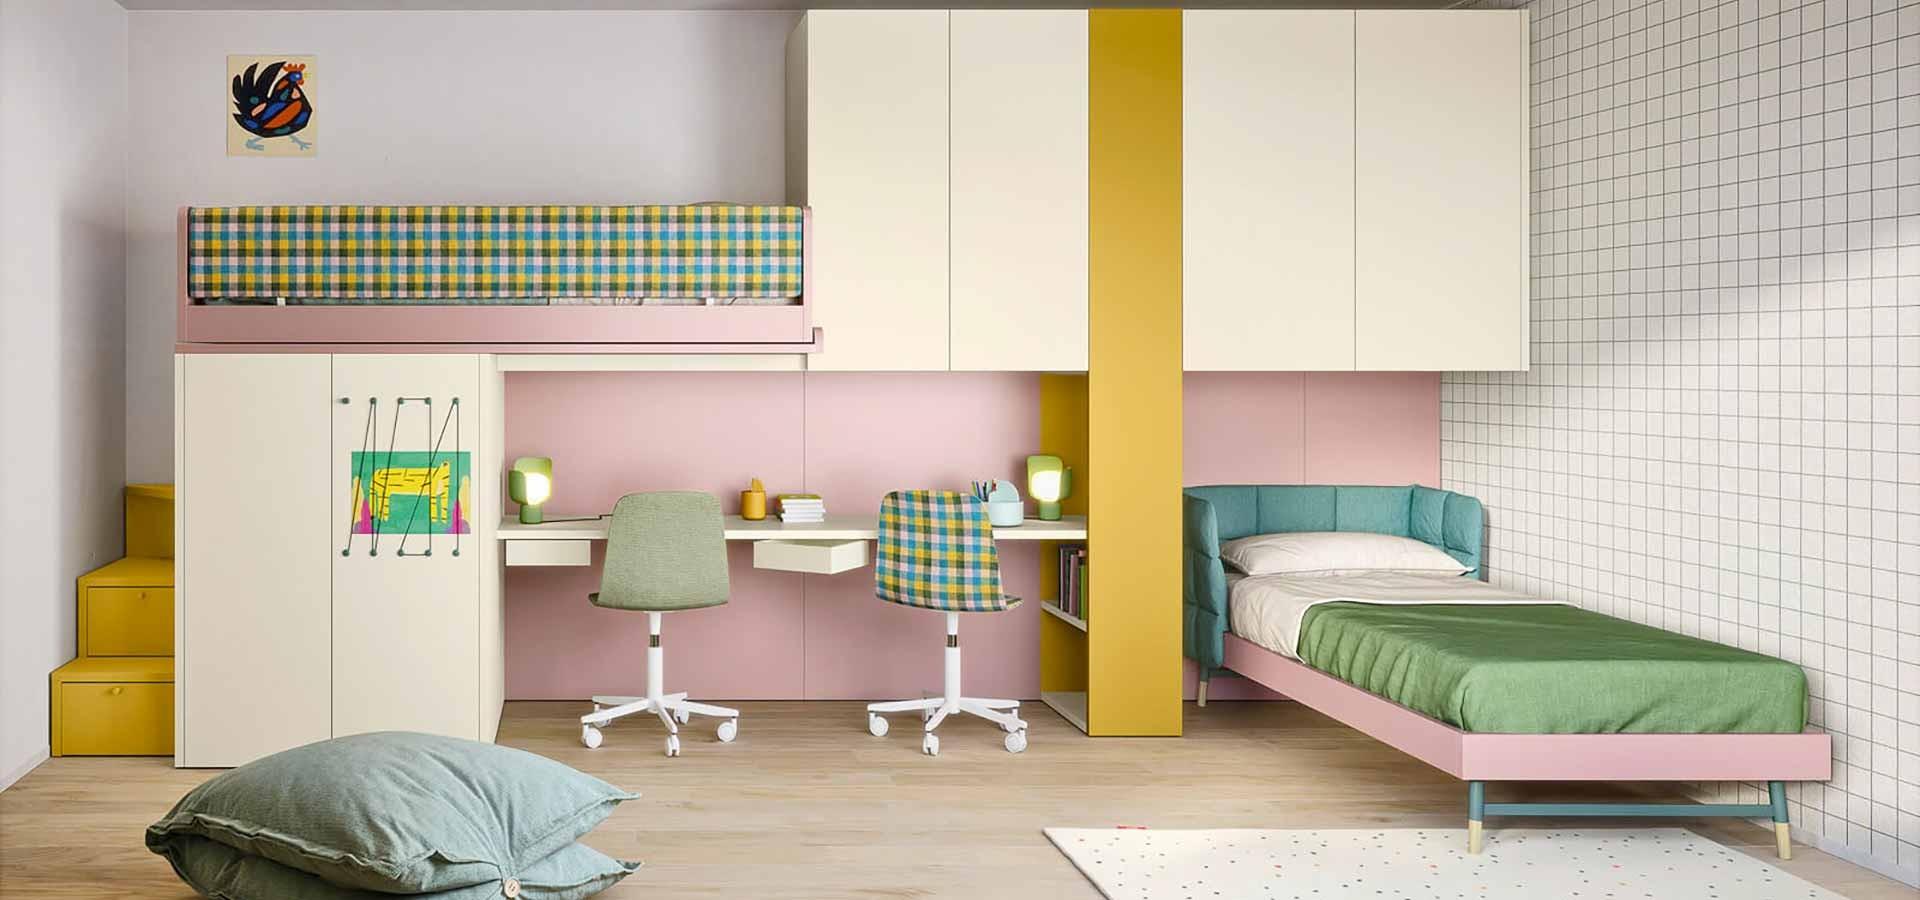 Petit Toi Meubles Decoration Pour Chambre D Enfant Lausanne Suisse